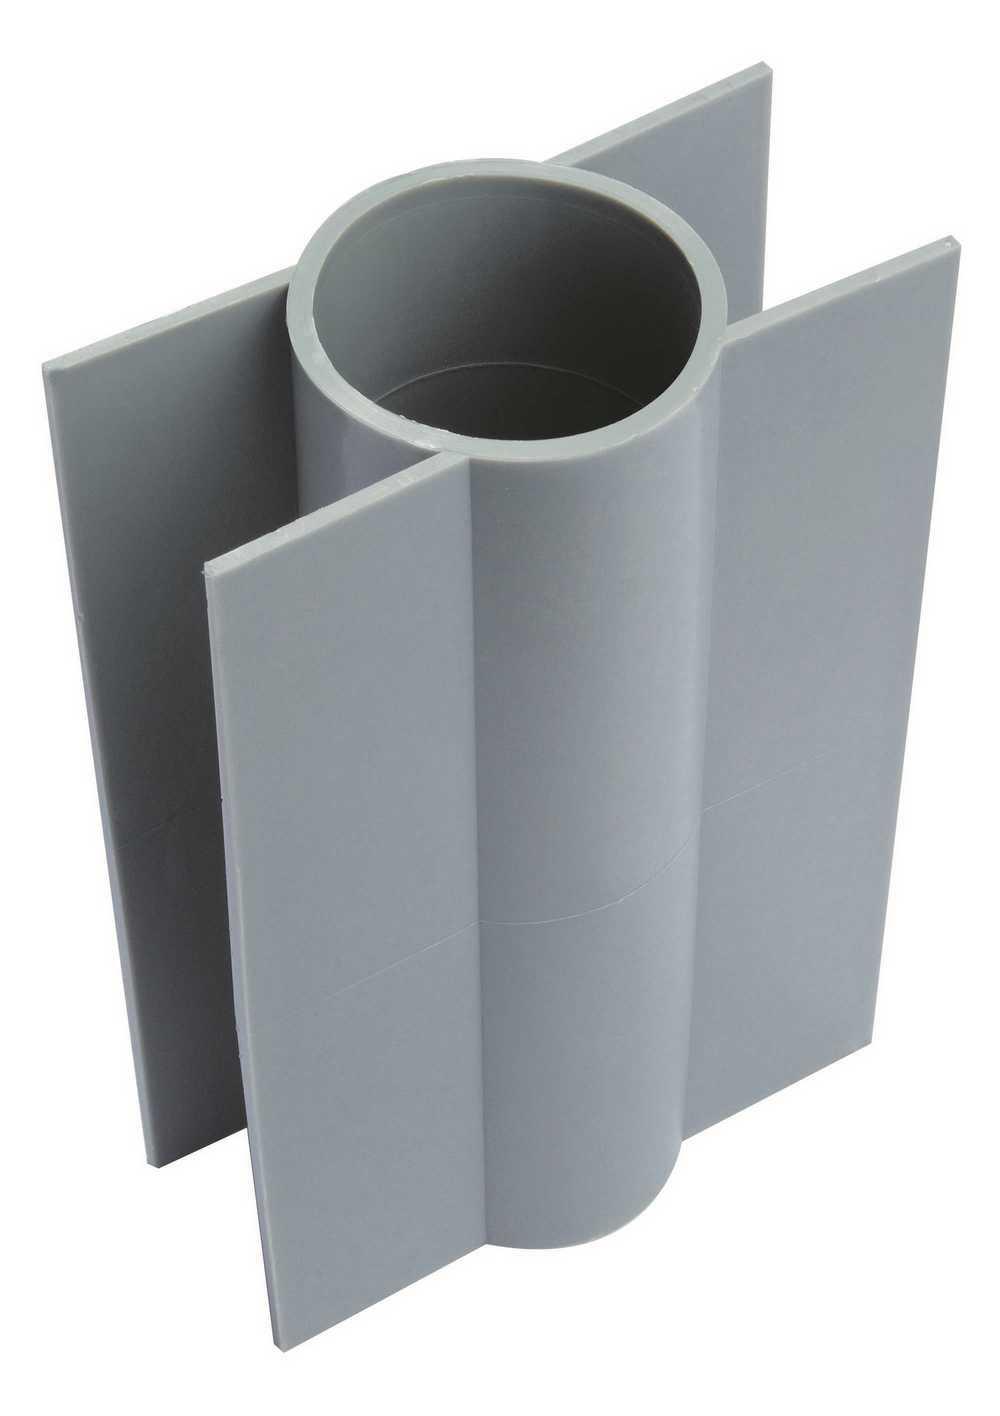 Betonplaathouder 60mm/28cm hoog, uit 1 stuk